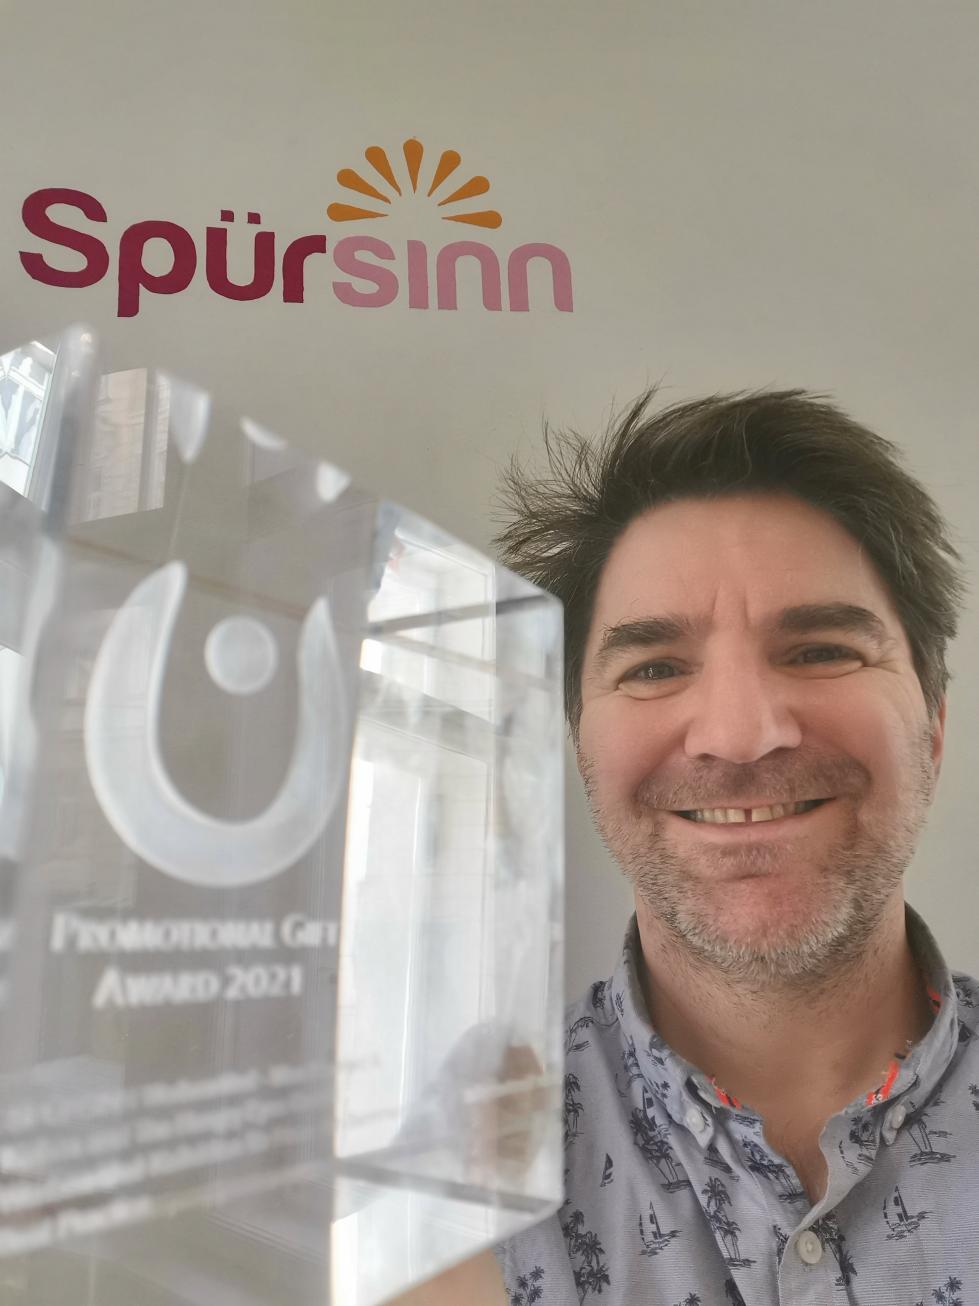 Spuersinn - Home